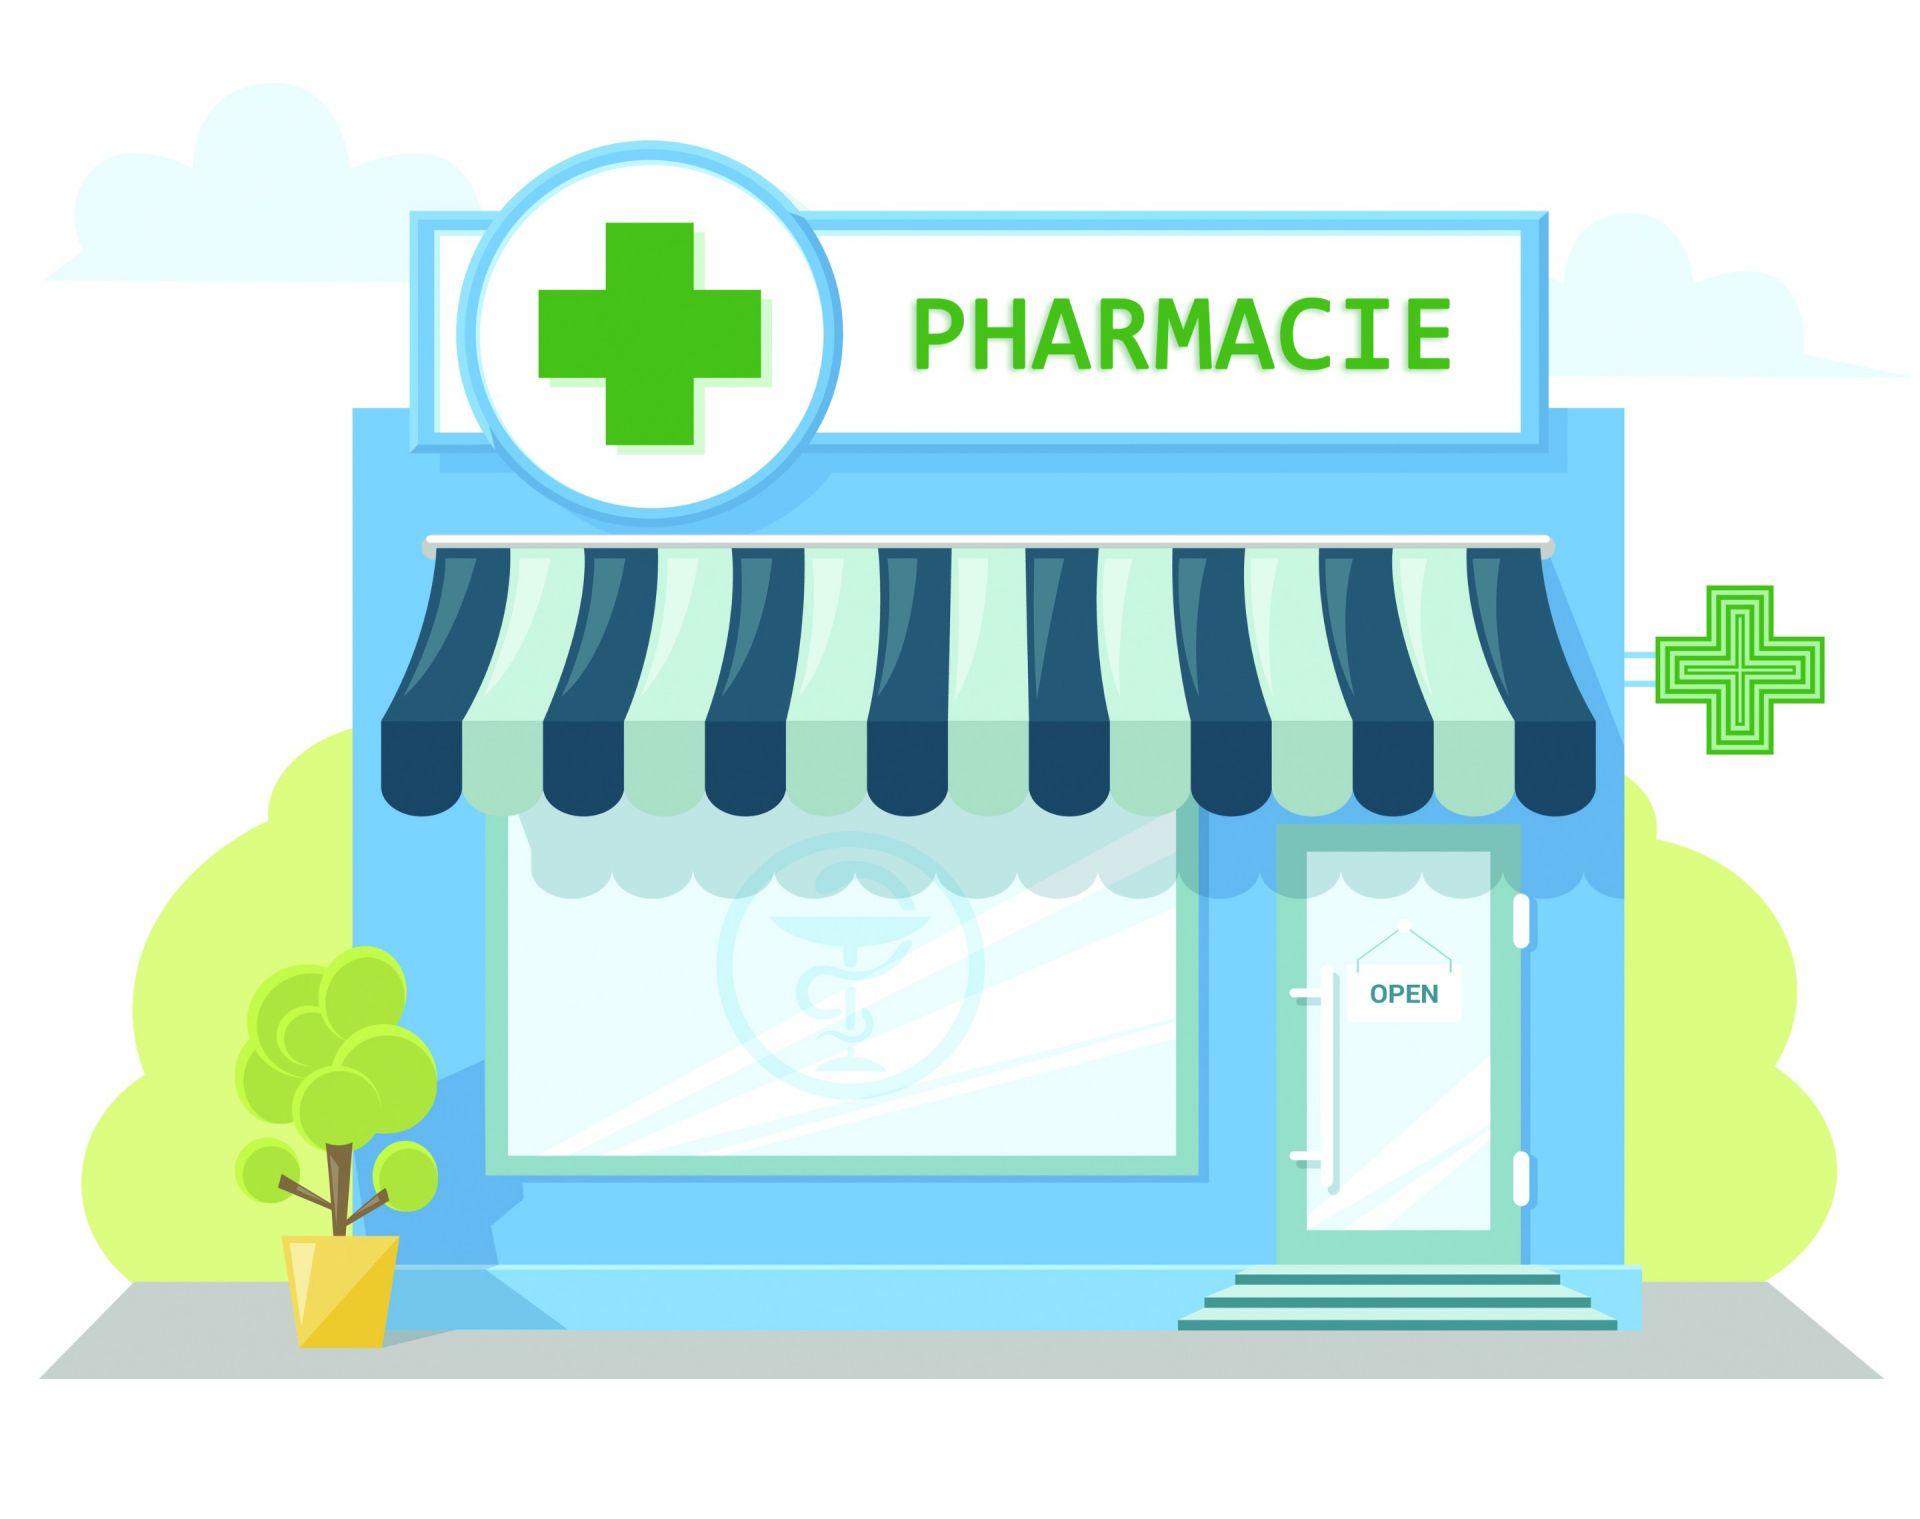 Sprej nikorette le prix dans les pharmacies kostromy